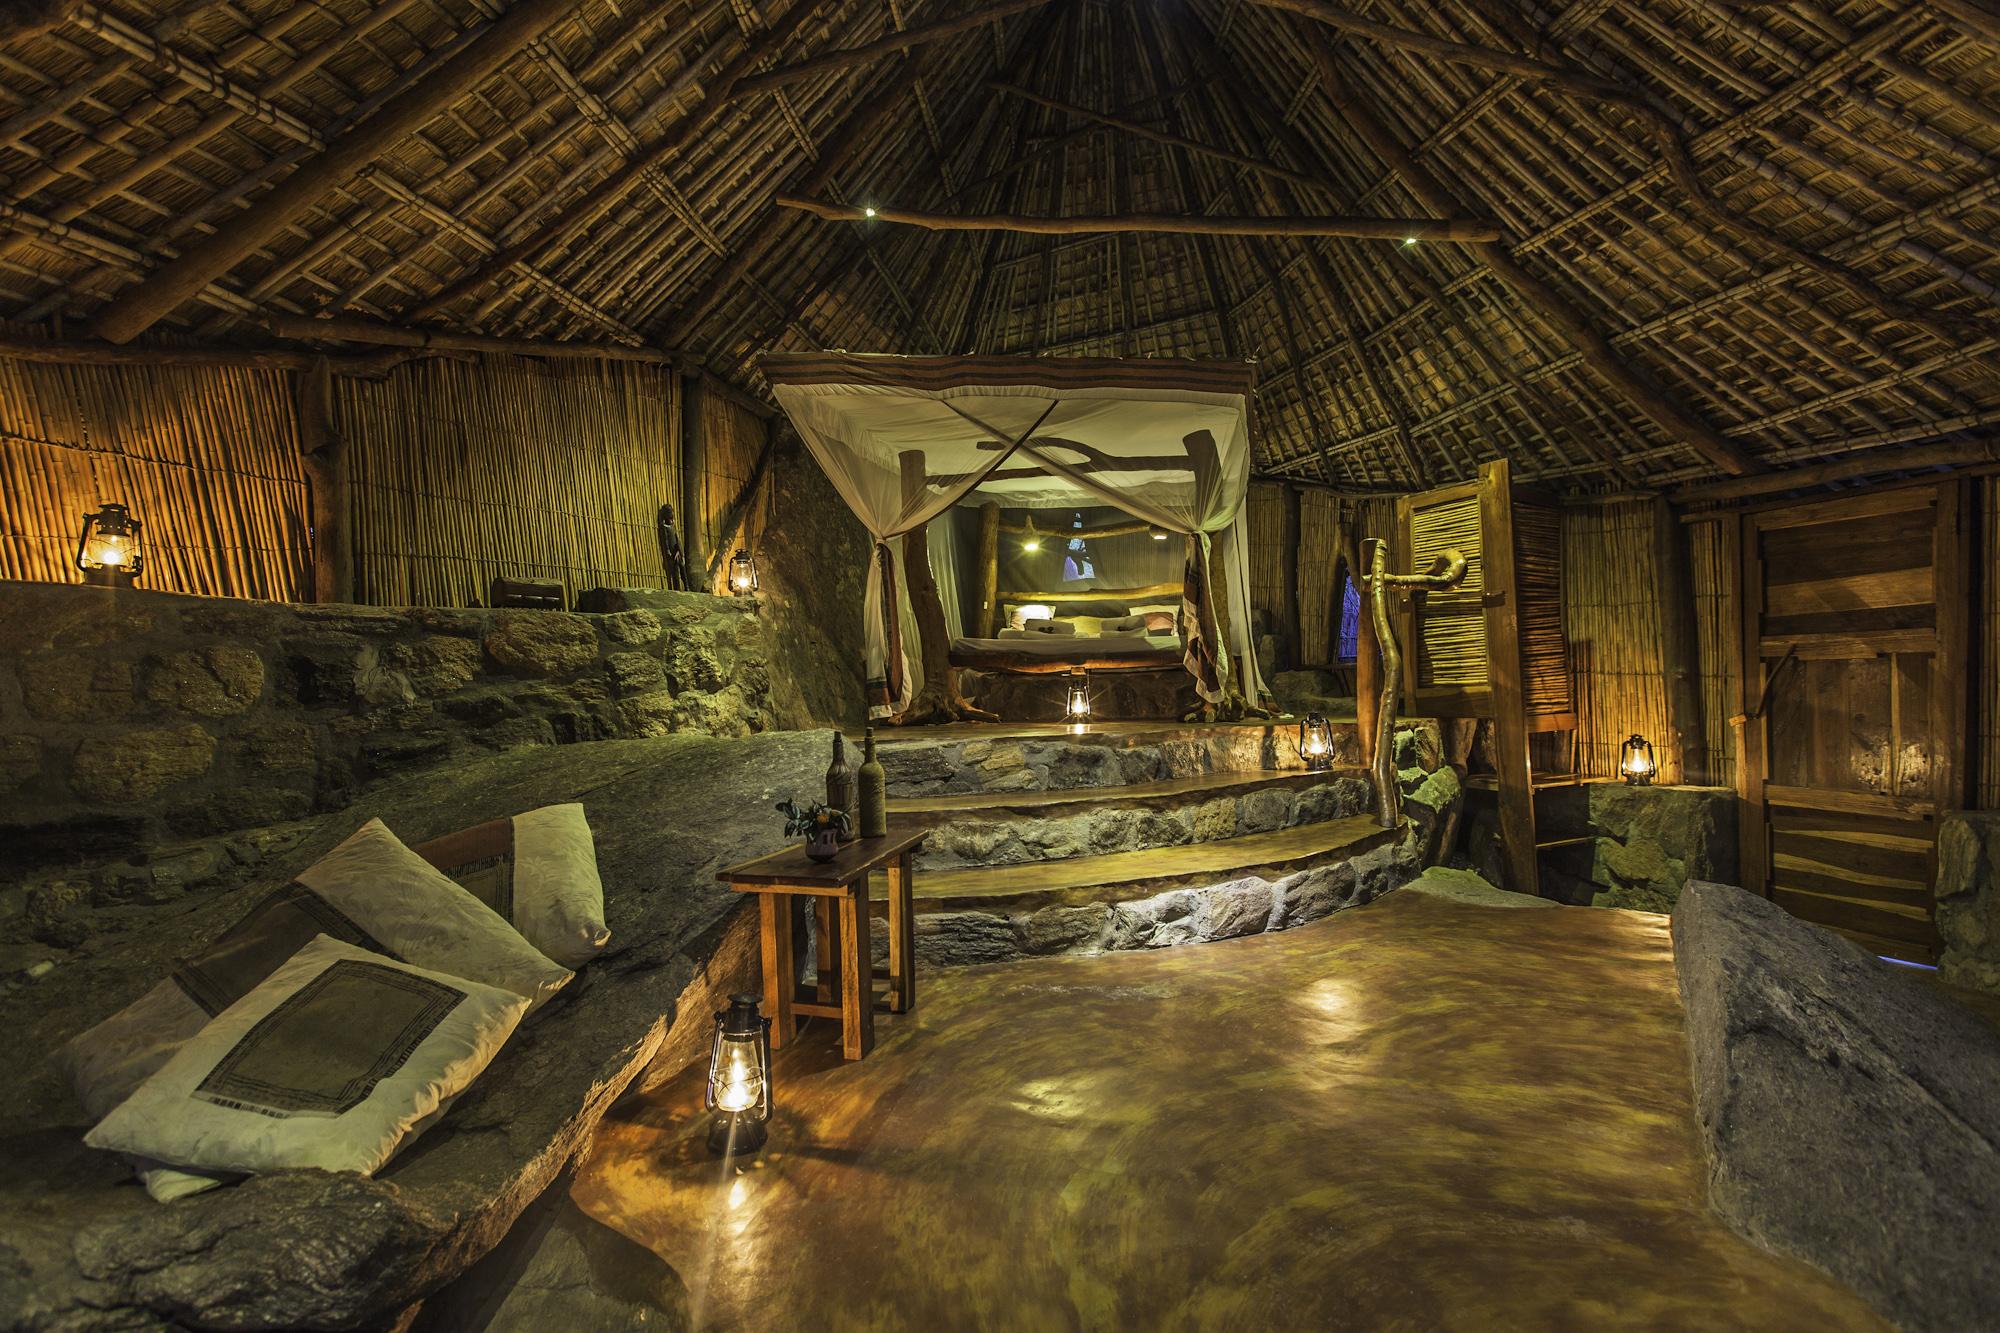 Nkwichi Lodge Malawi Interior